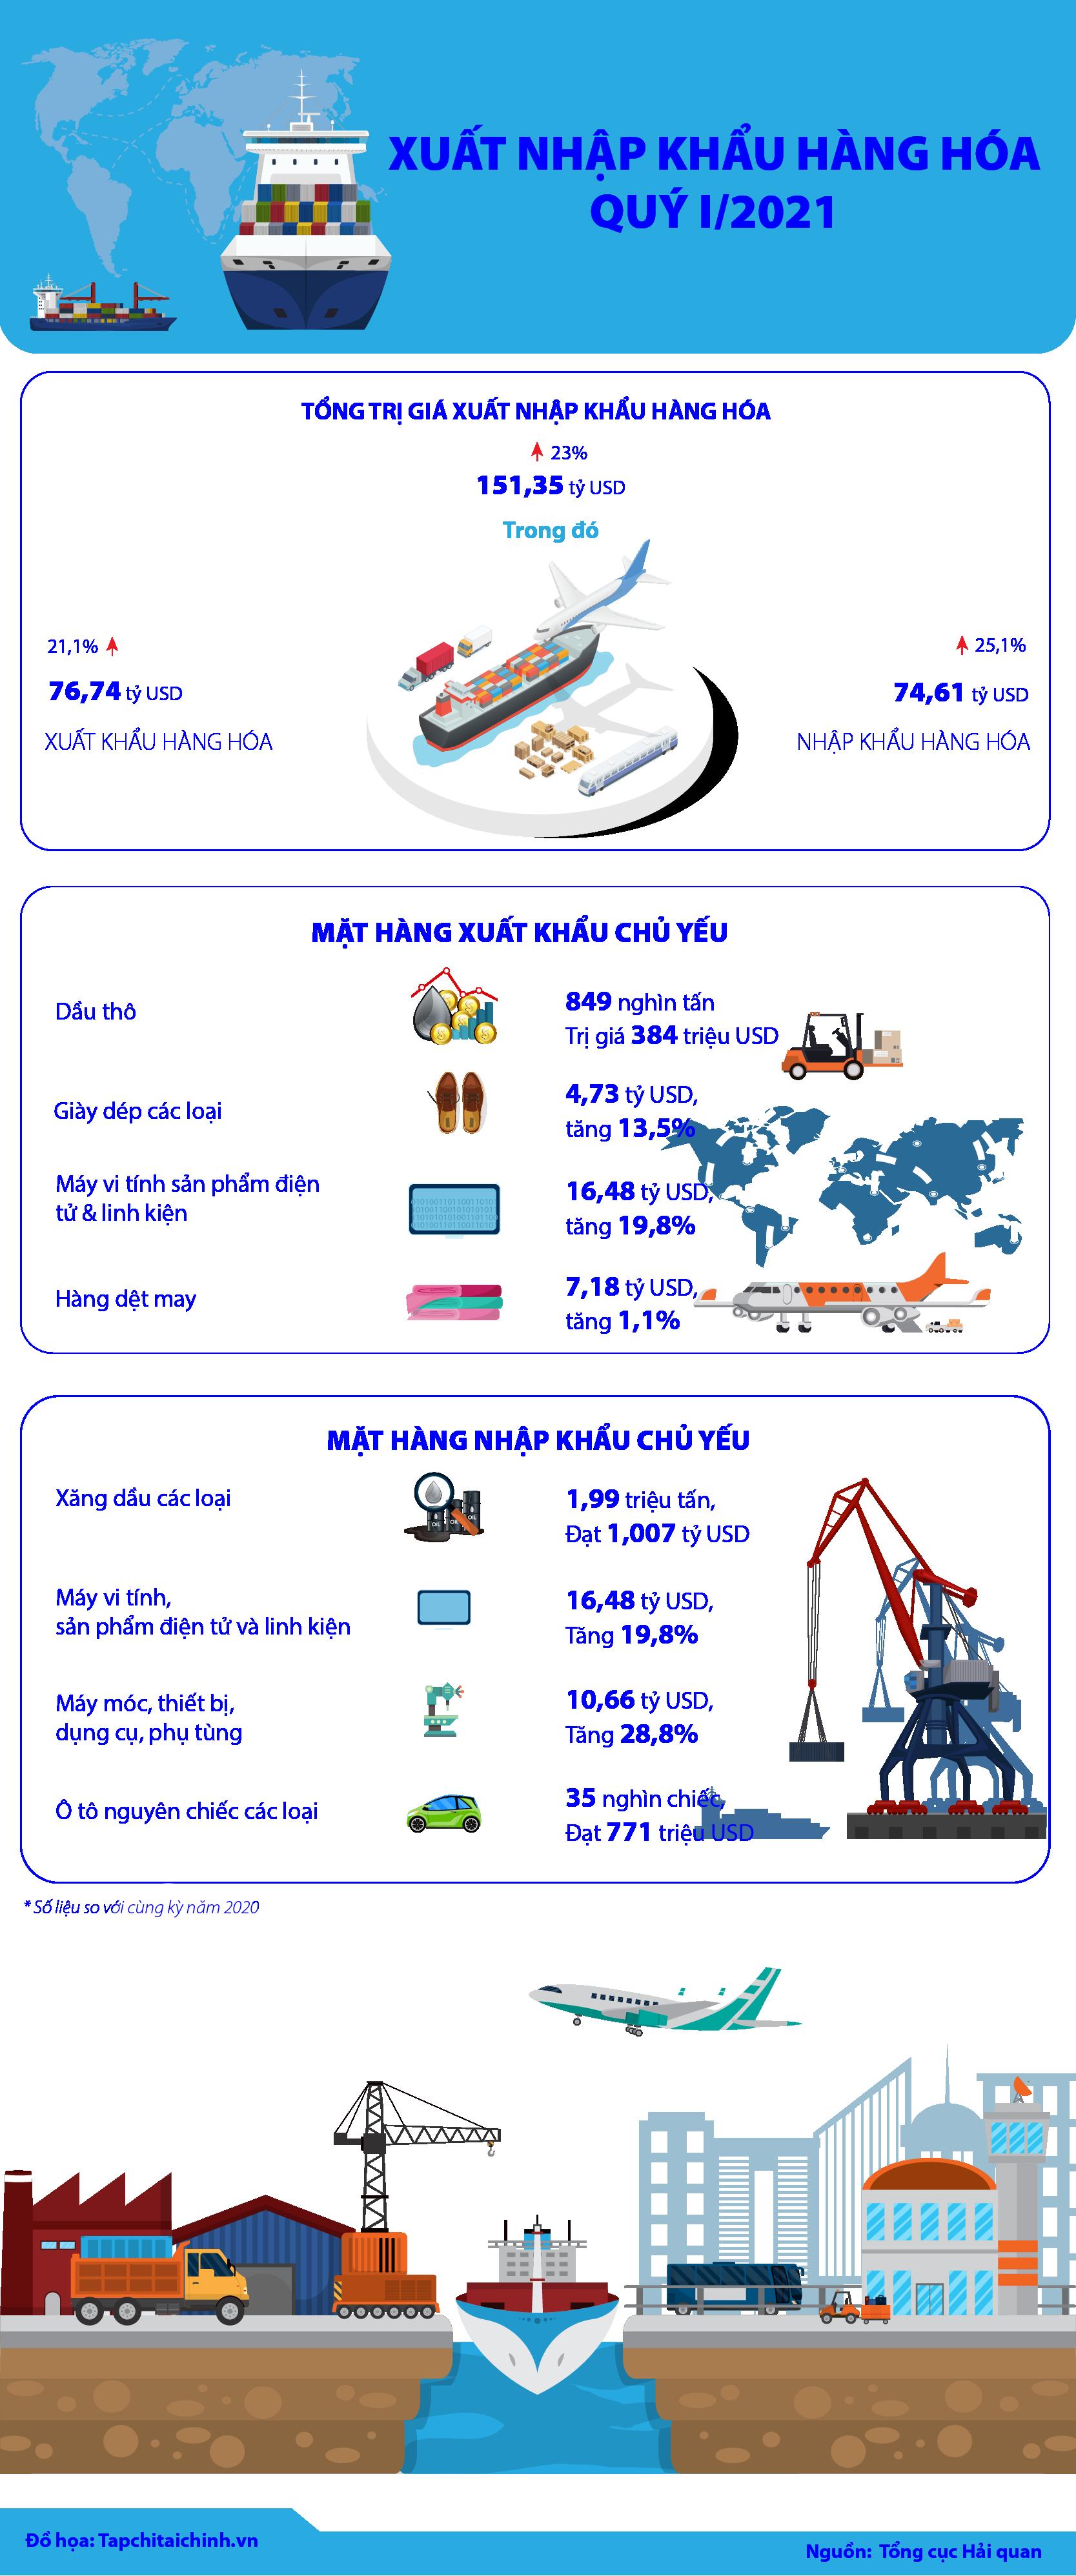 [Infographics] Xuất nhập khẩu hàng hóa của Việt Nam quý I/2021 - Ảnh 1